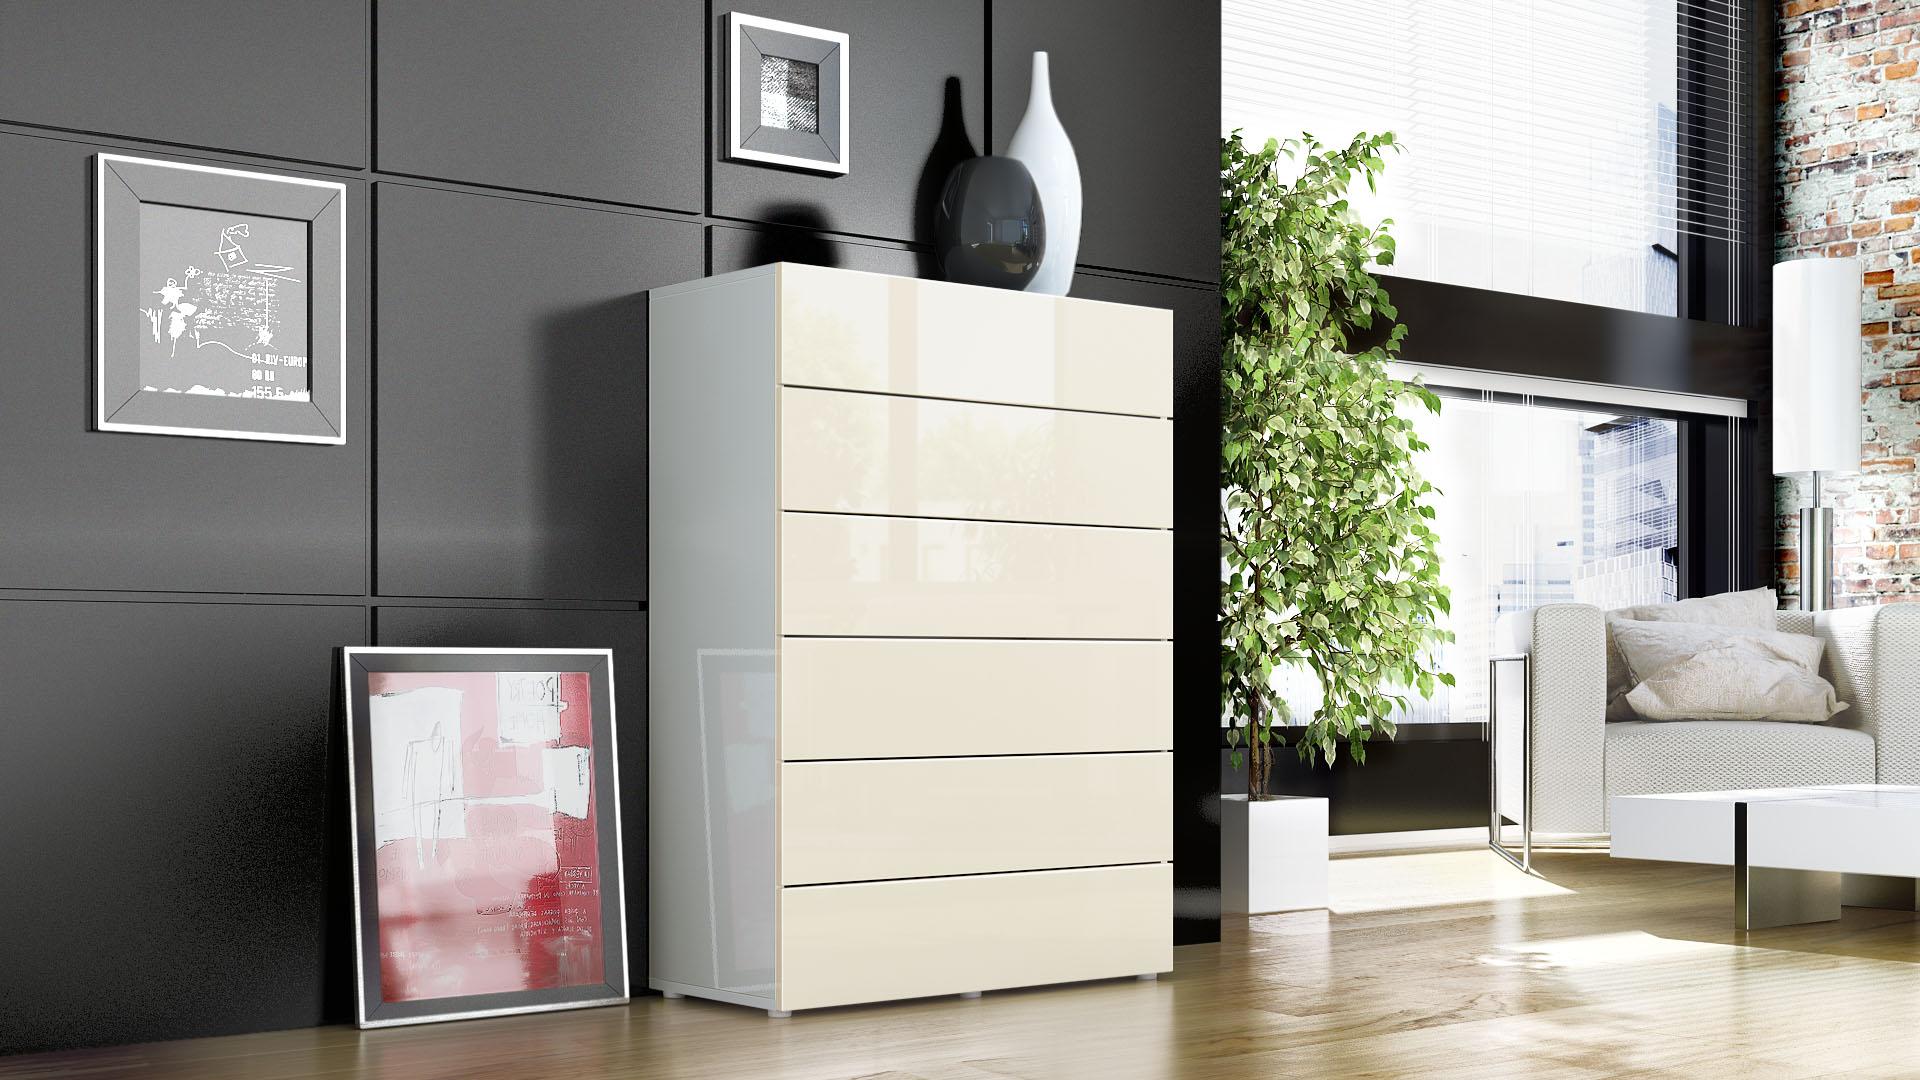 kommode schrank anrichte sideboard massa v3 in wei hochglanz naturt ne ebay. Black Bedroom Furniture Sets. Home Design Ideas